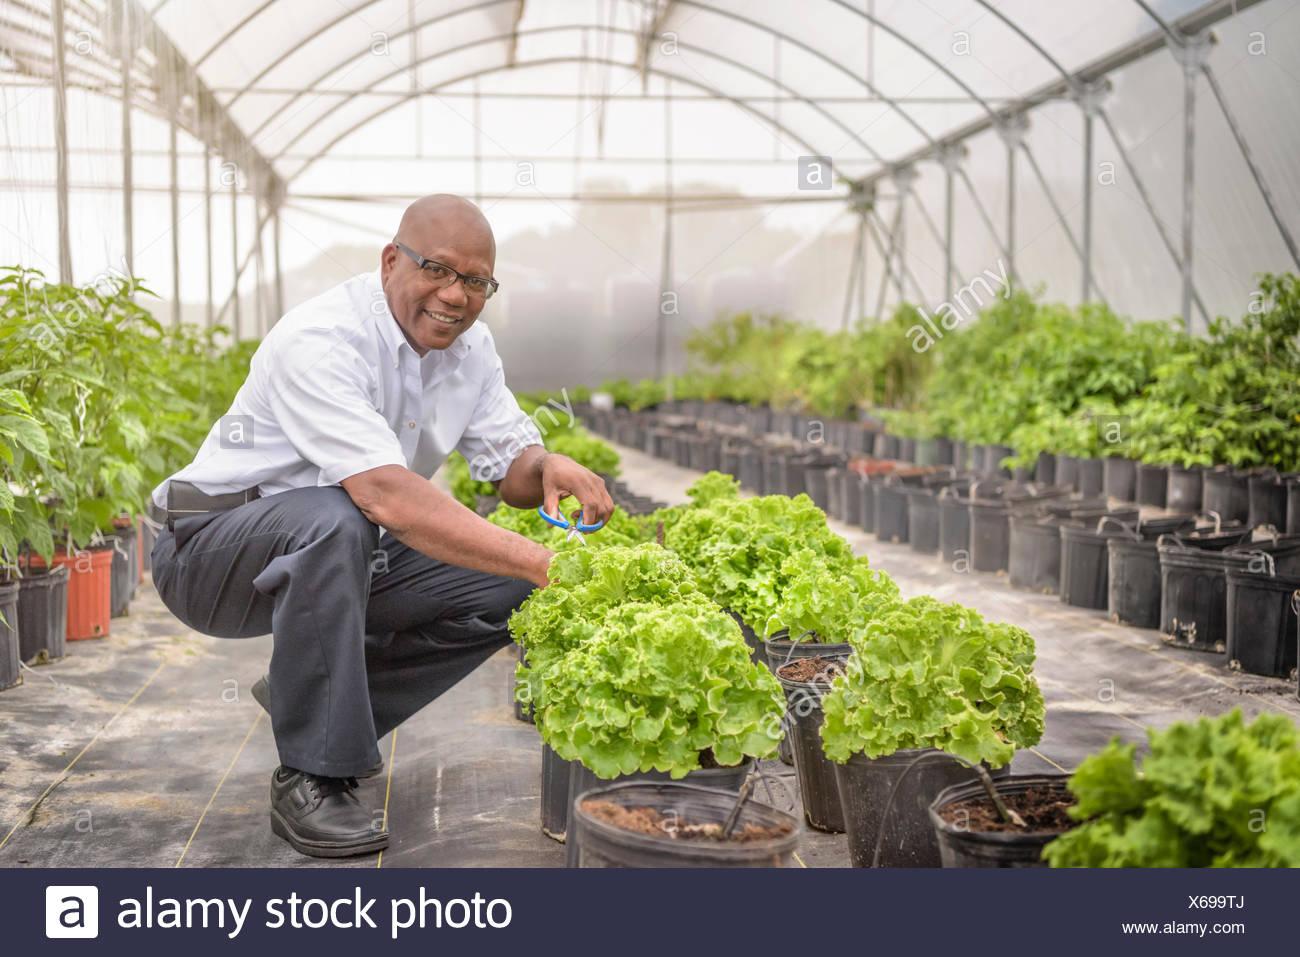 Porträt des Managers in Hydrokultur Bauernhof in Nevis, West Indies Stockfoto